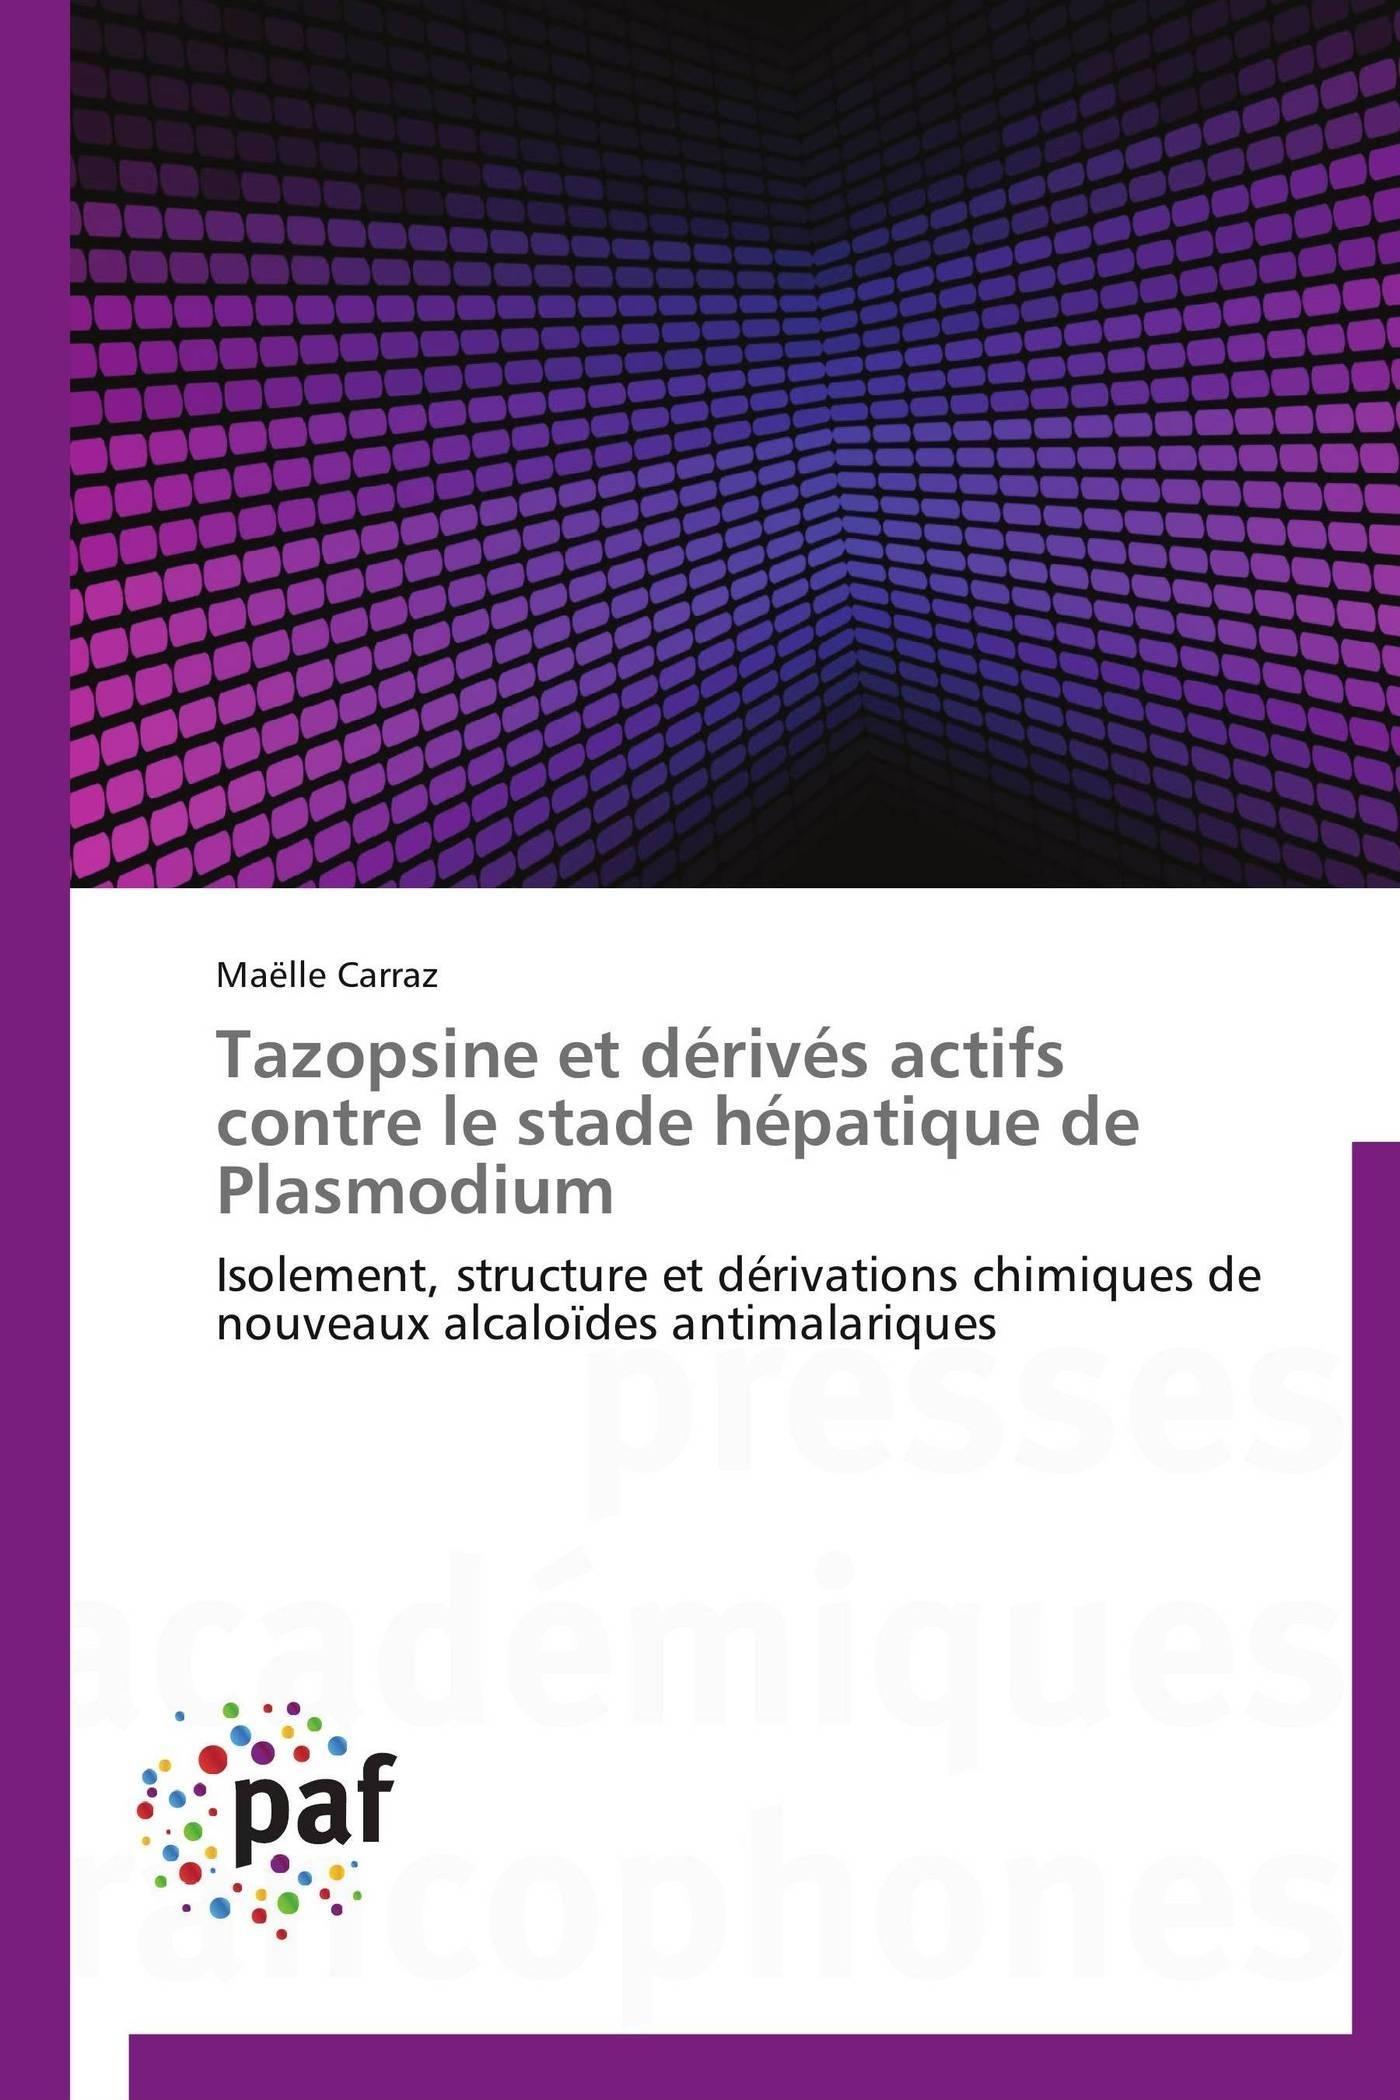 TAZOPSINE ET DERIVES ACTIFS CONTRE LE STADE HEPATIQUE DE PLASMODIUM